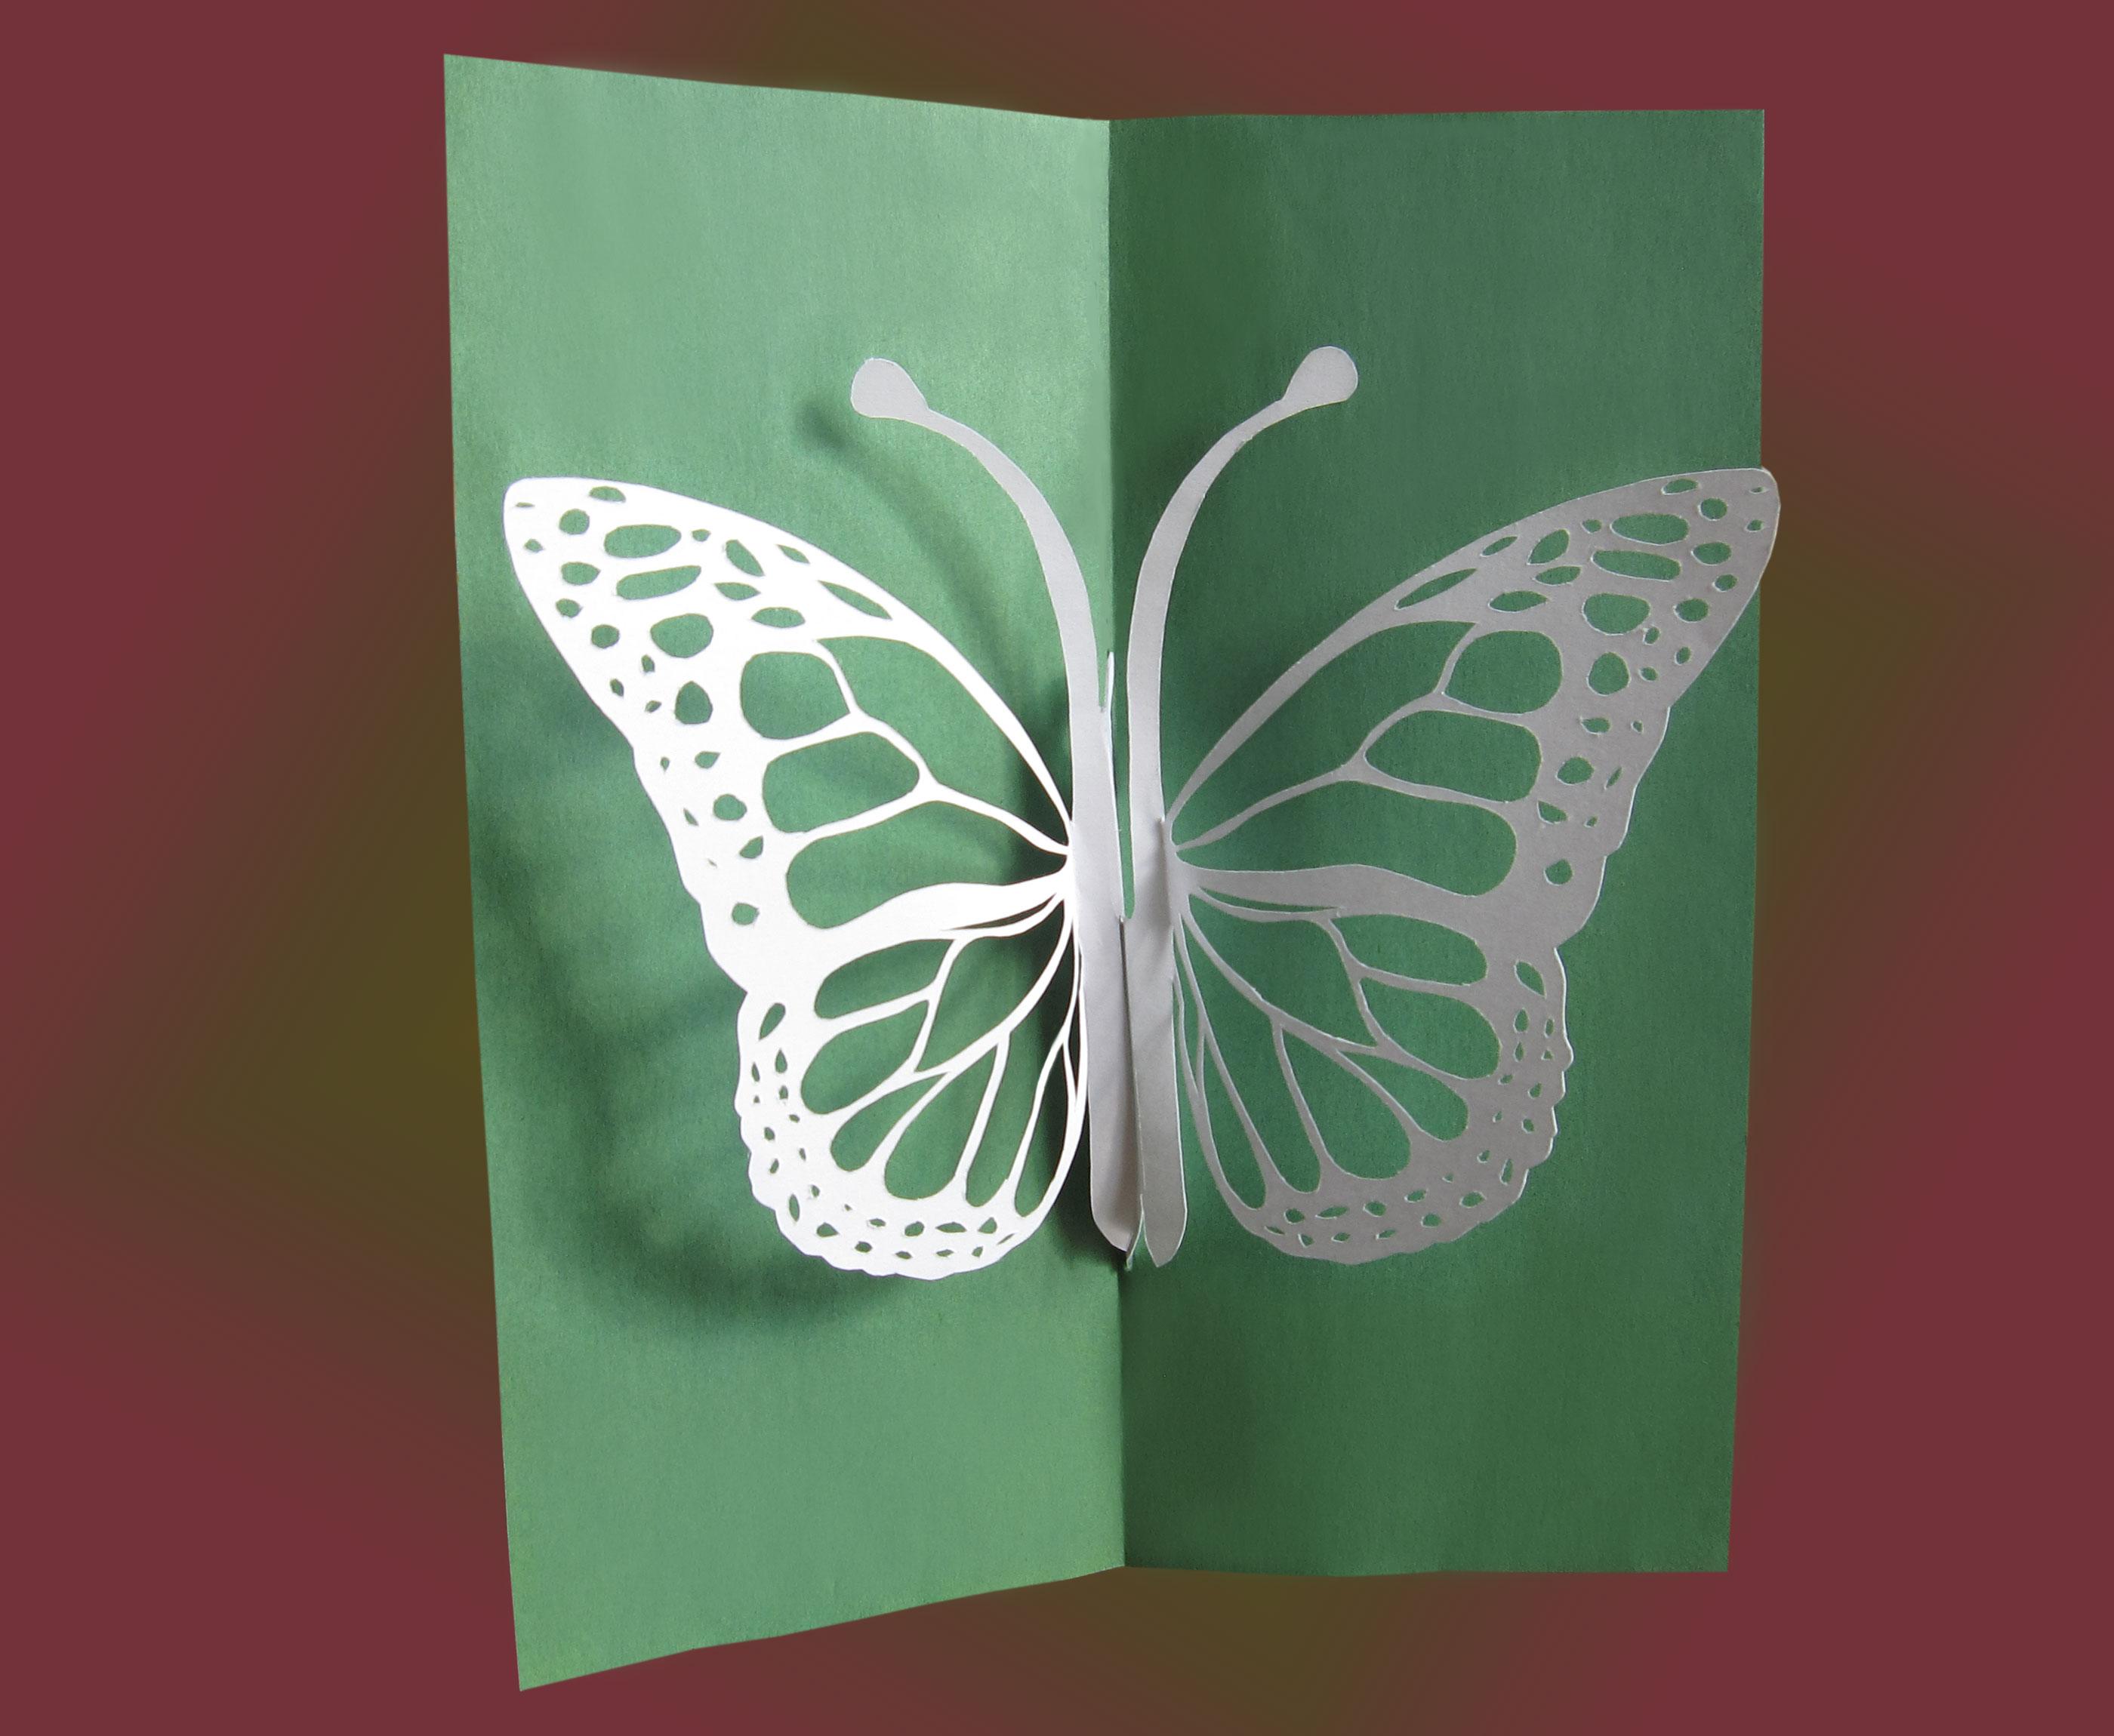 Бабочки из бумаги своими руками (схемы, шаблоны) Остров доброй надежды